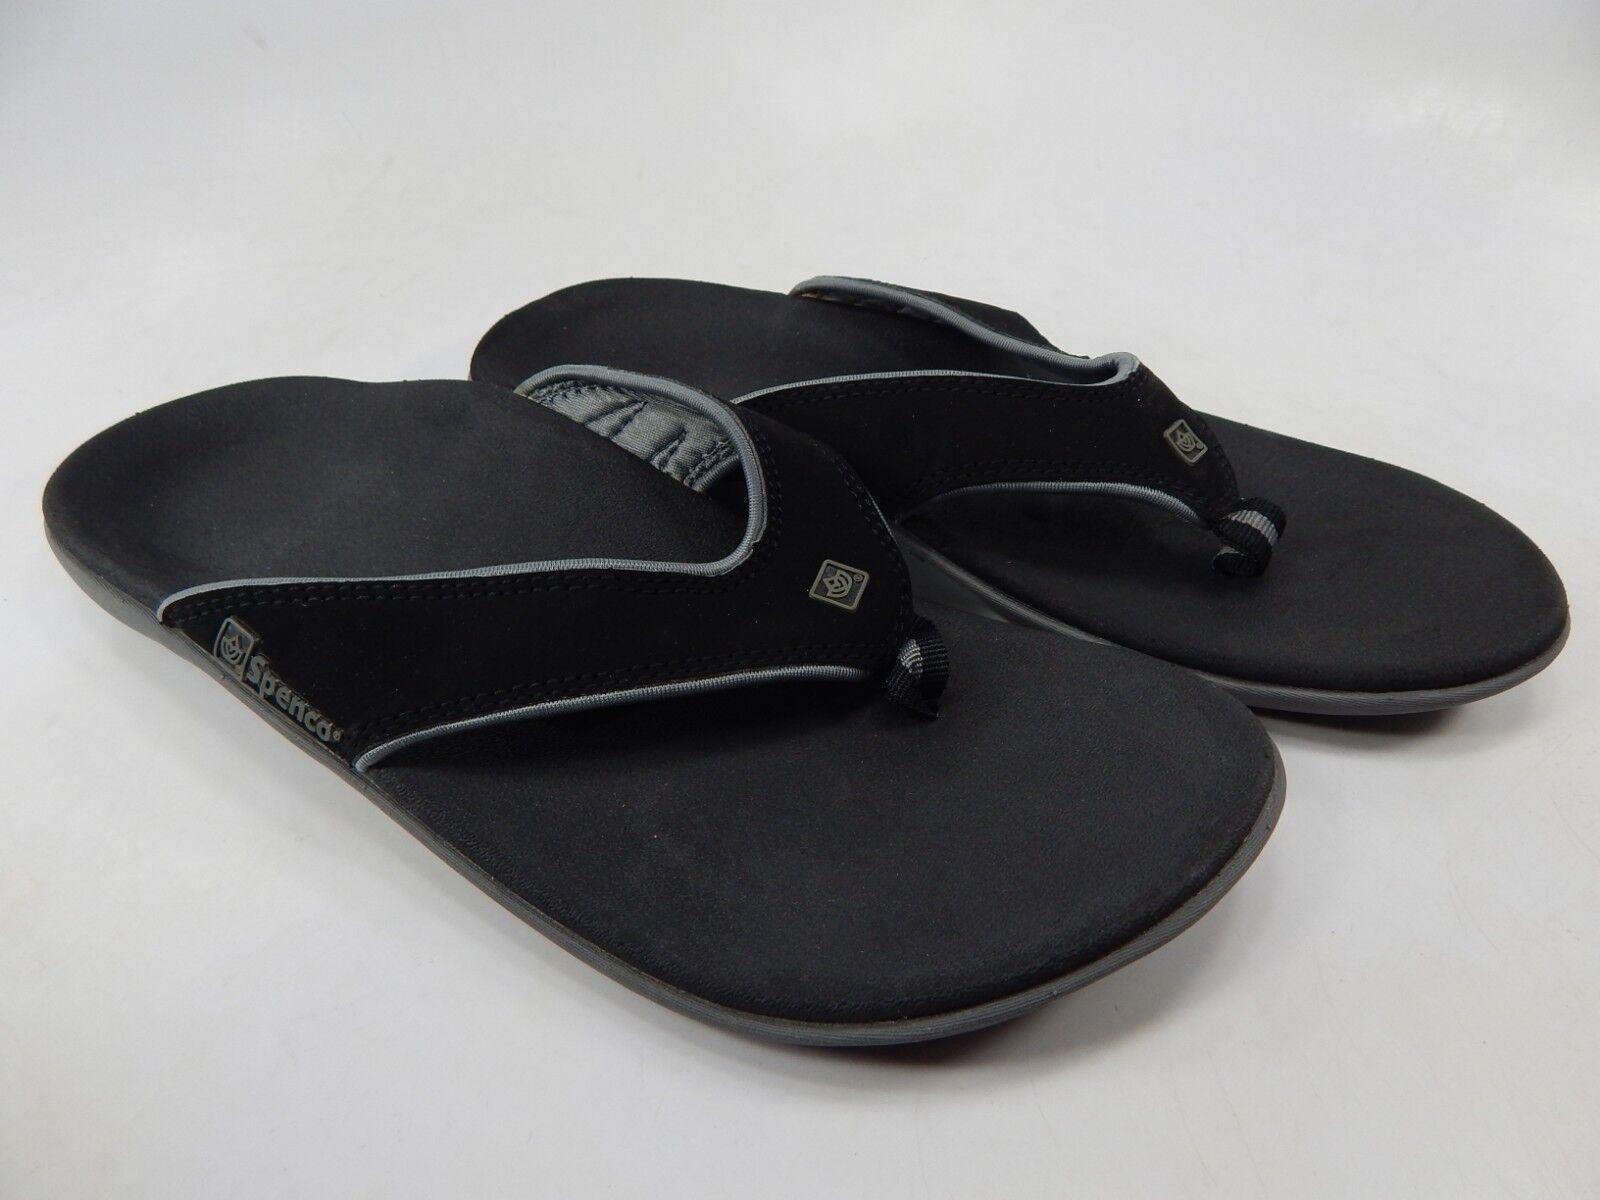 Spenco Yumi Polysorb Talla 8.5 M (B) (B) (B) EU 38.5 para Mujer Ligero Flip Flop Sandalias  saludable